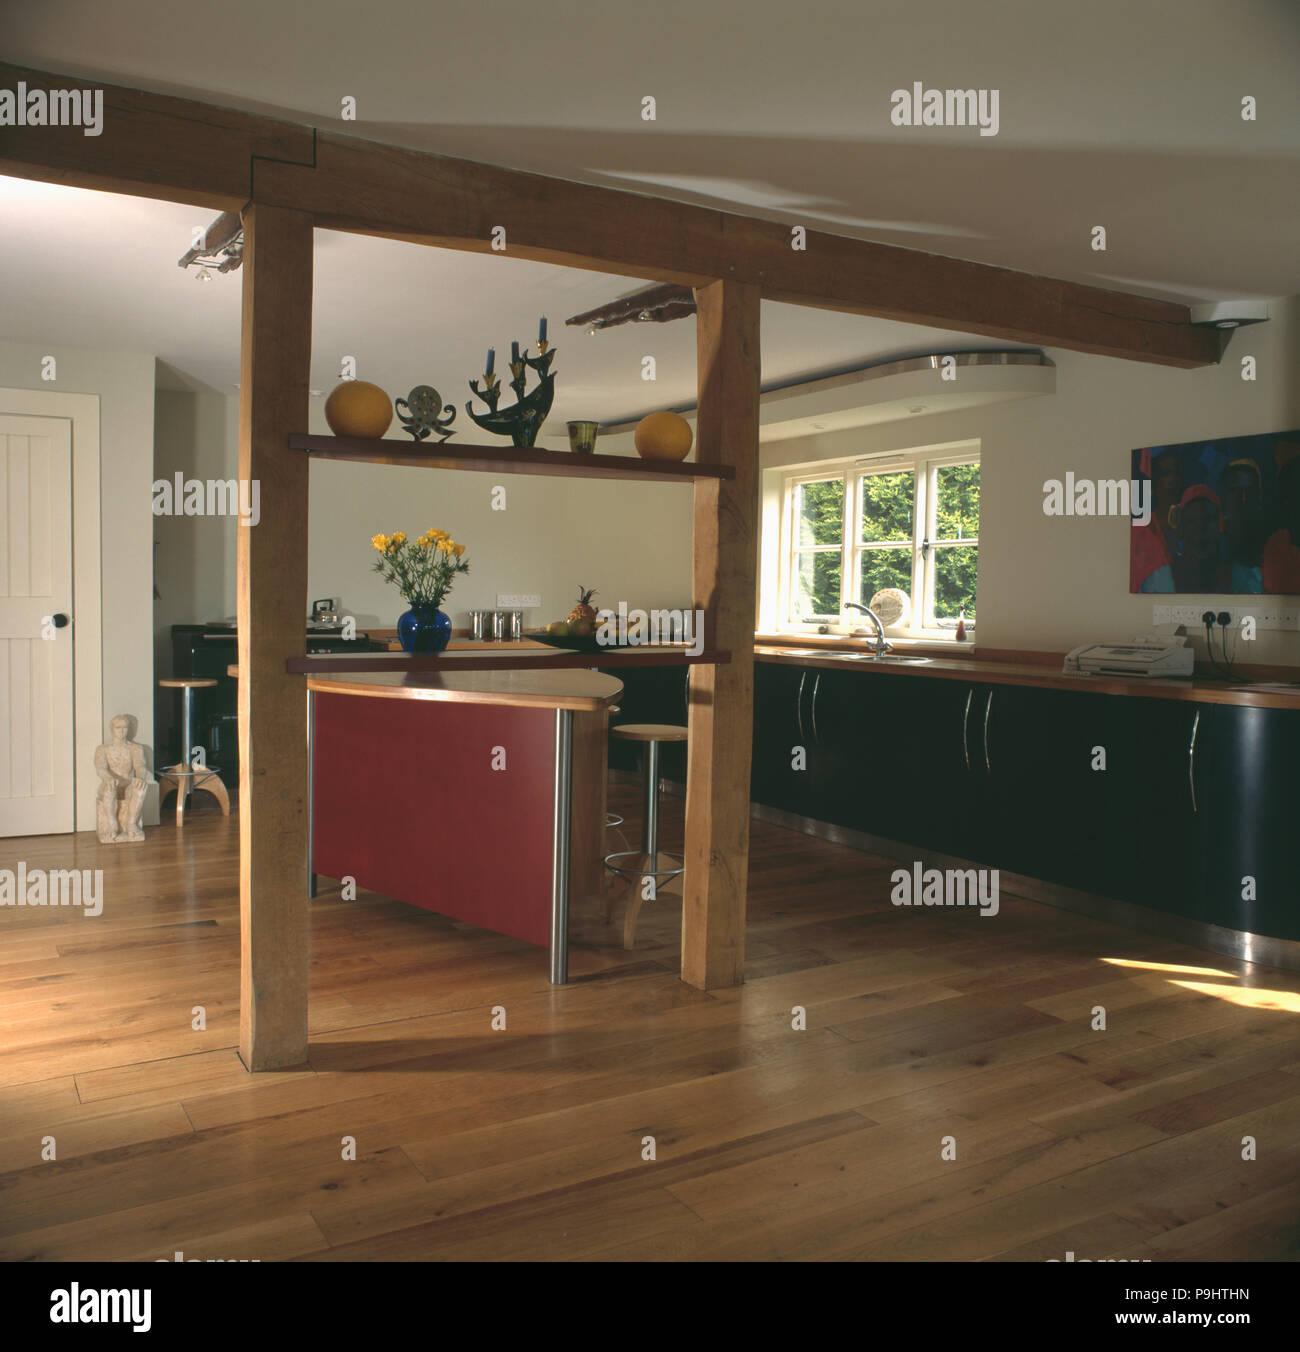 Holzboden In Moderne Kuche Mit Freiliegenden Aufrecht Und Holzbalken